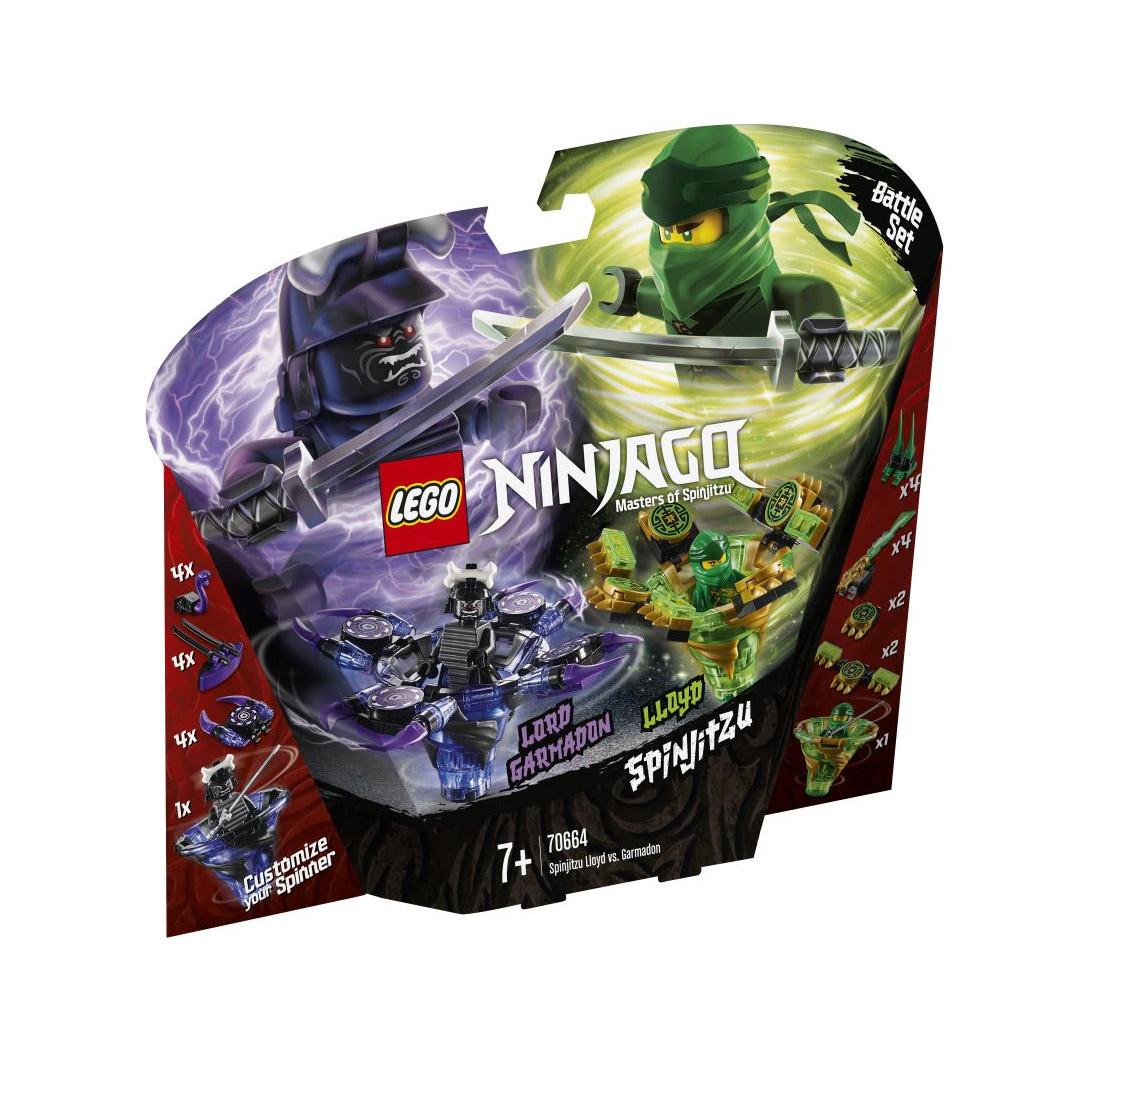 Lego Ninjago: Spinjitzu Lloyd vs Garmadon 70664